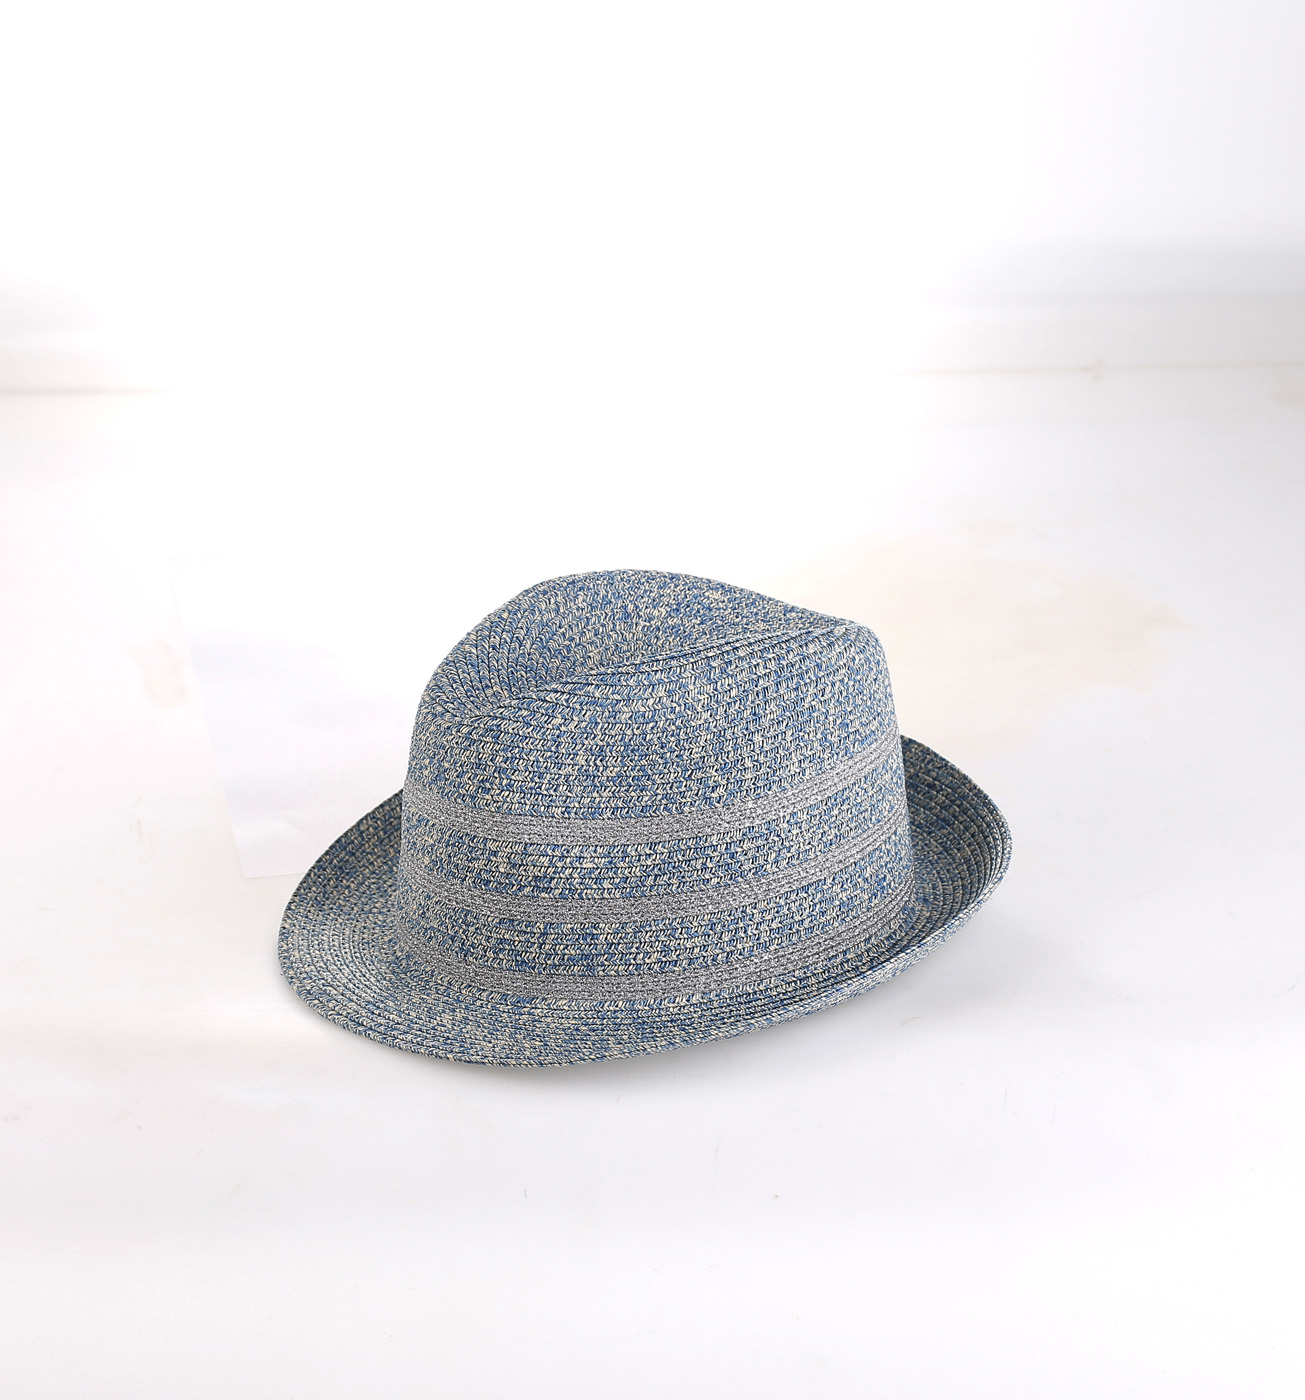 04754ee38 Dámsky slamený plážový klobúk Kbas modrý